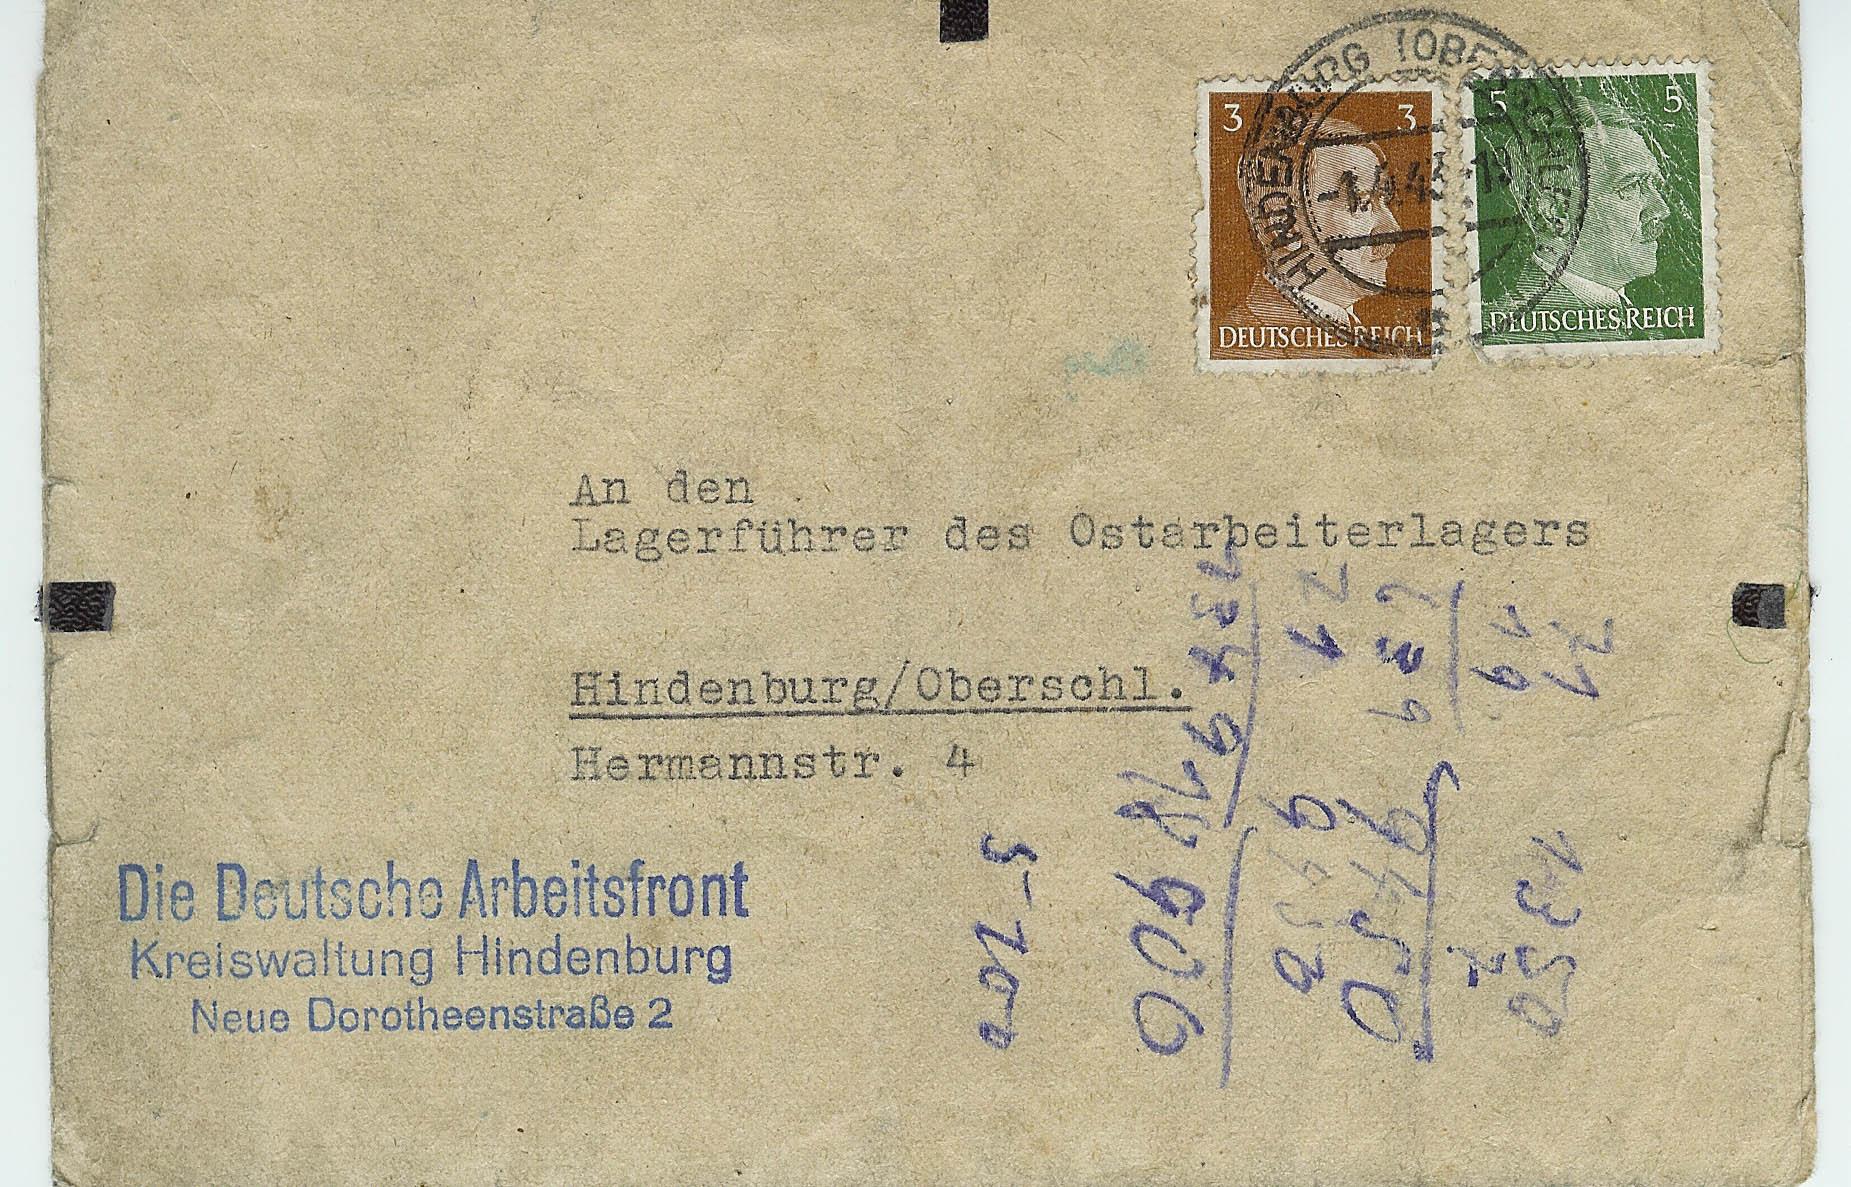 Deutsche Arbeitsfront letter 2